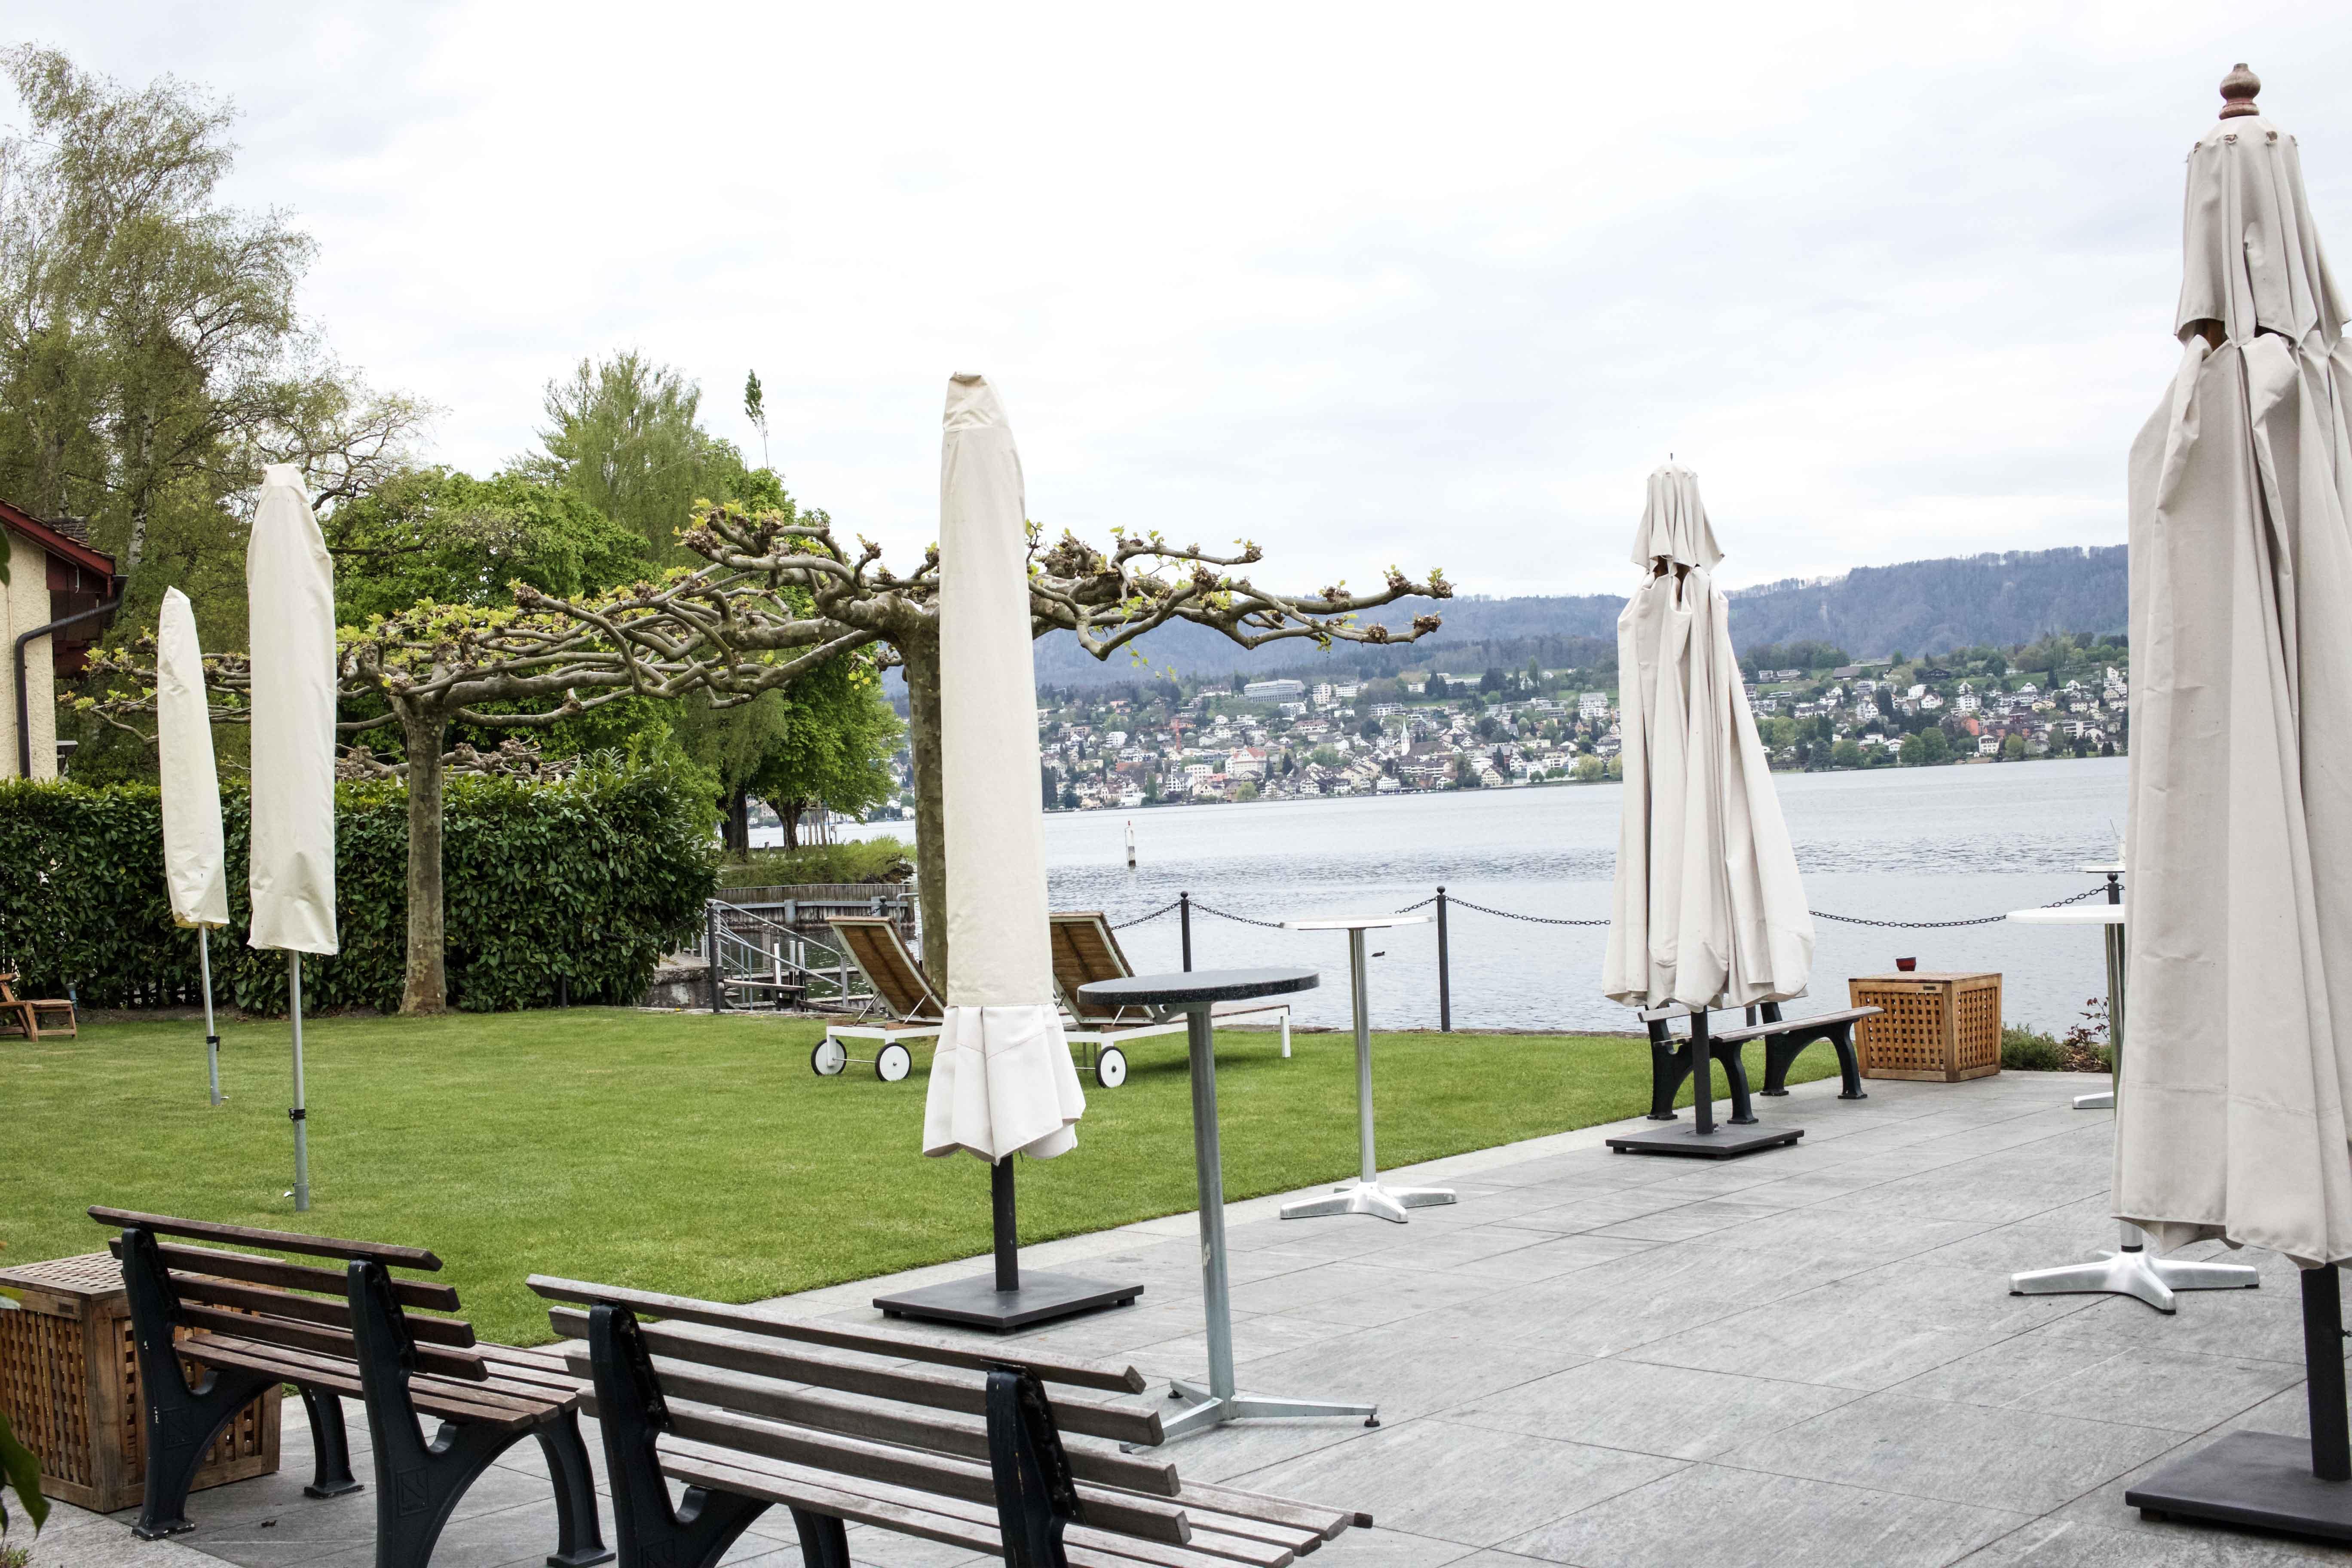 Hotelreview-Hotelempfehlung-Zürich-Küsnacht-Romantik-Hotels-Seehotel-Sonne_7083